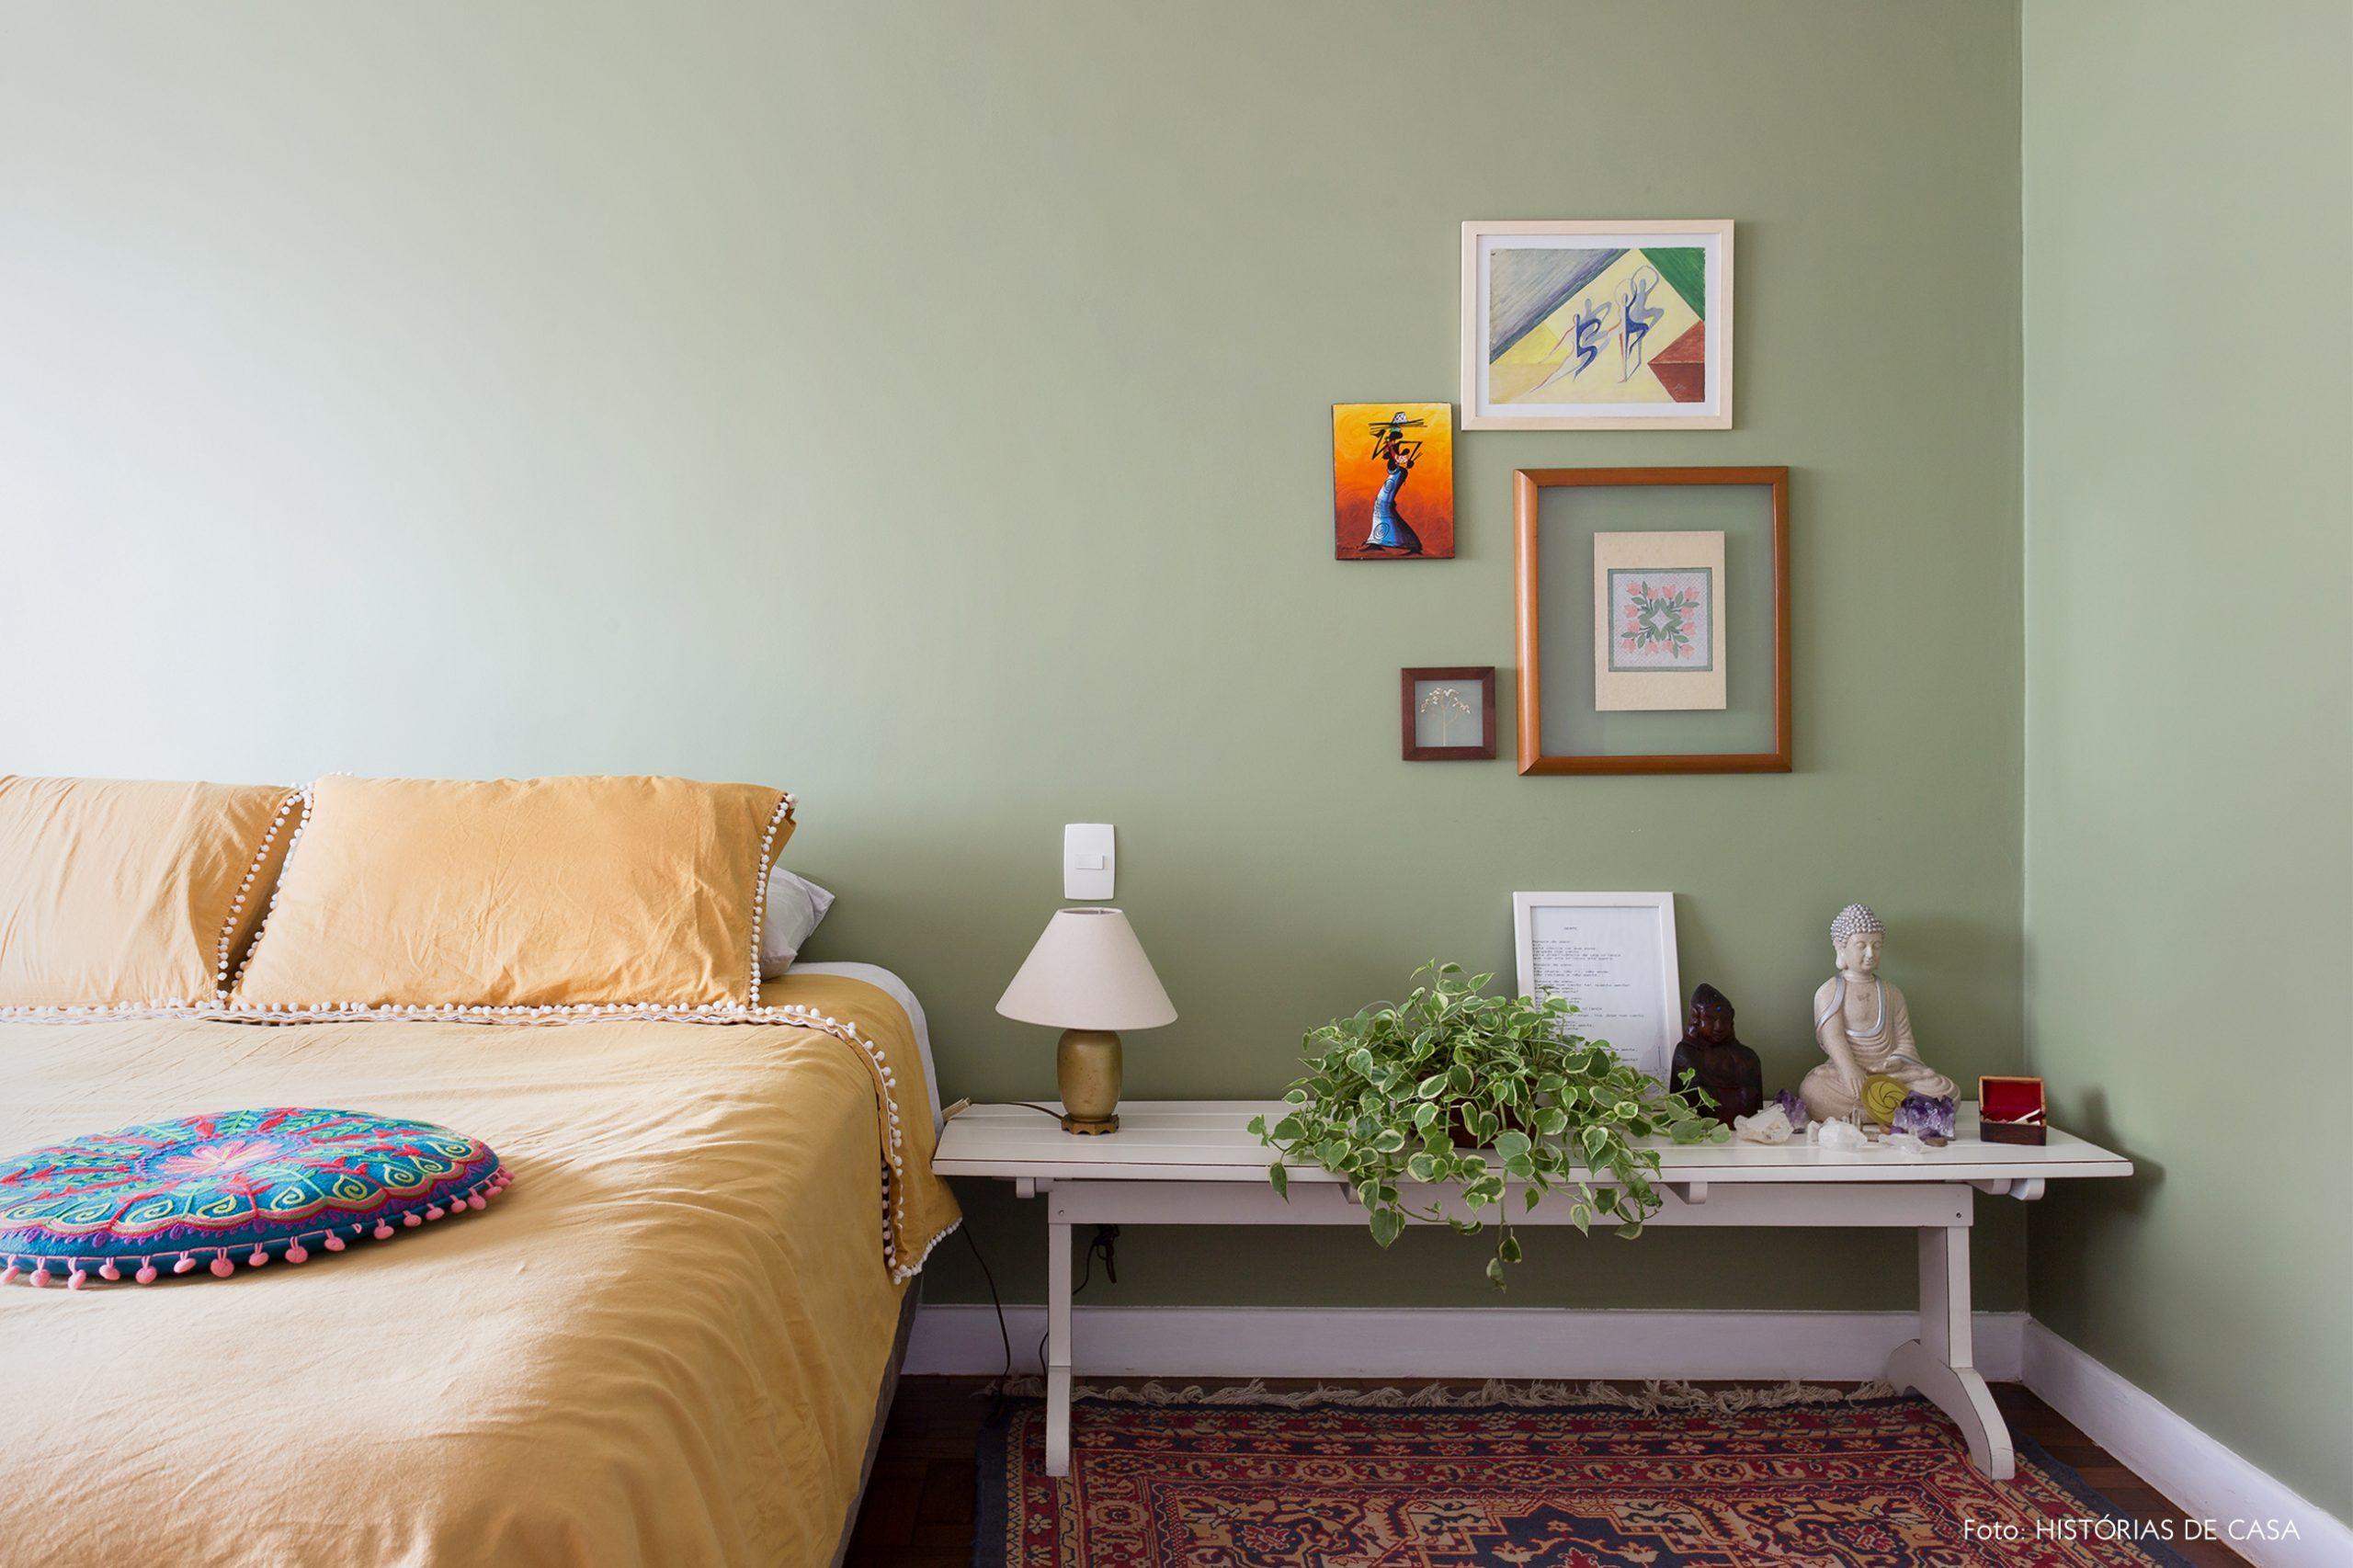 decoração quarto com parede verde e altar em banco de madeira branco